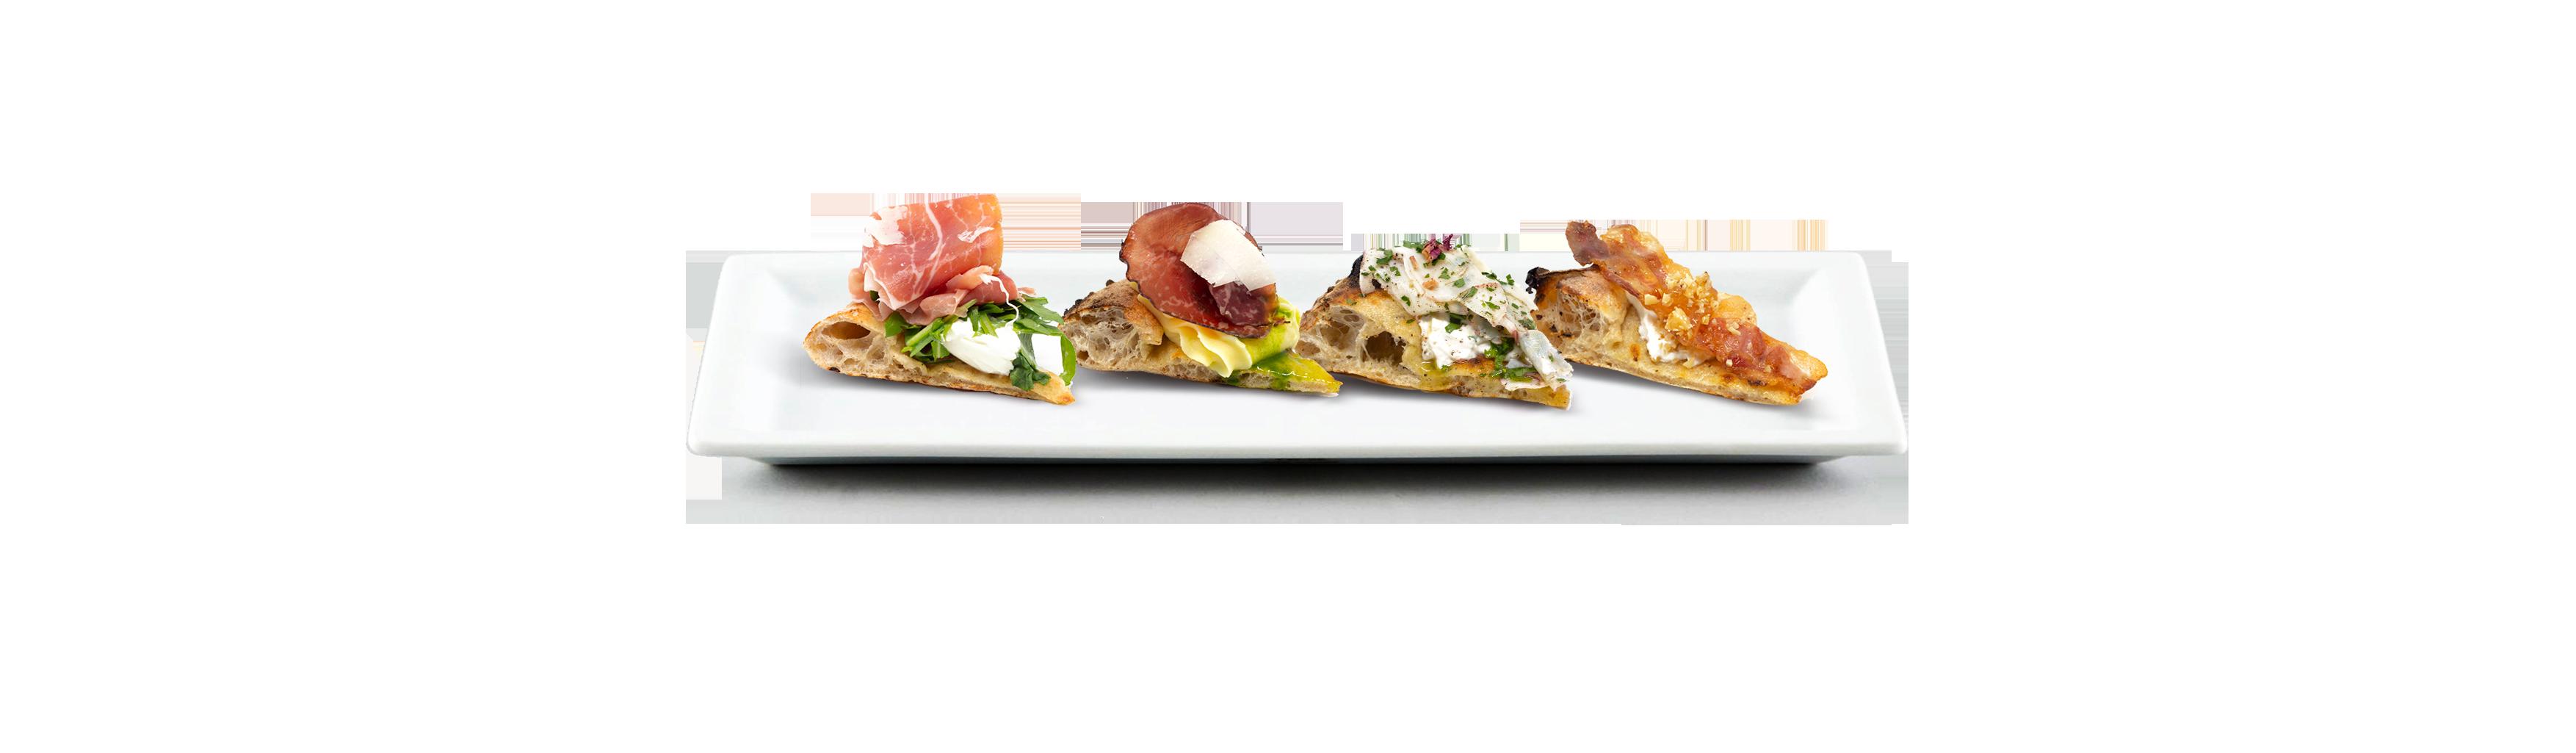 pizze-gourmet-mater